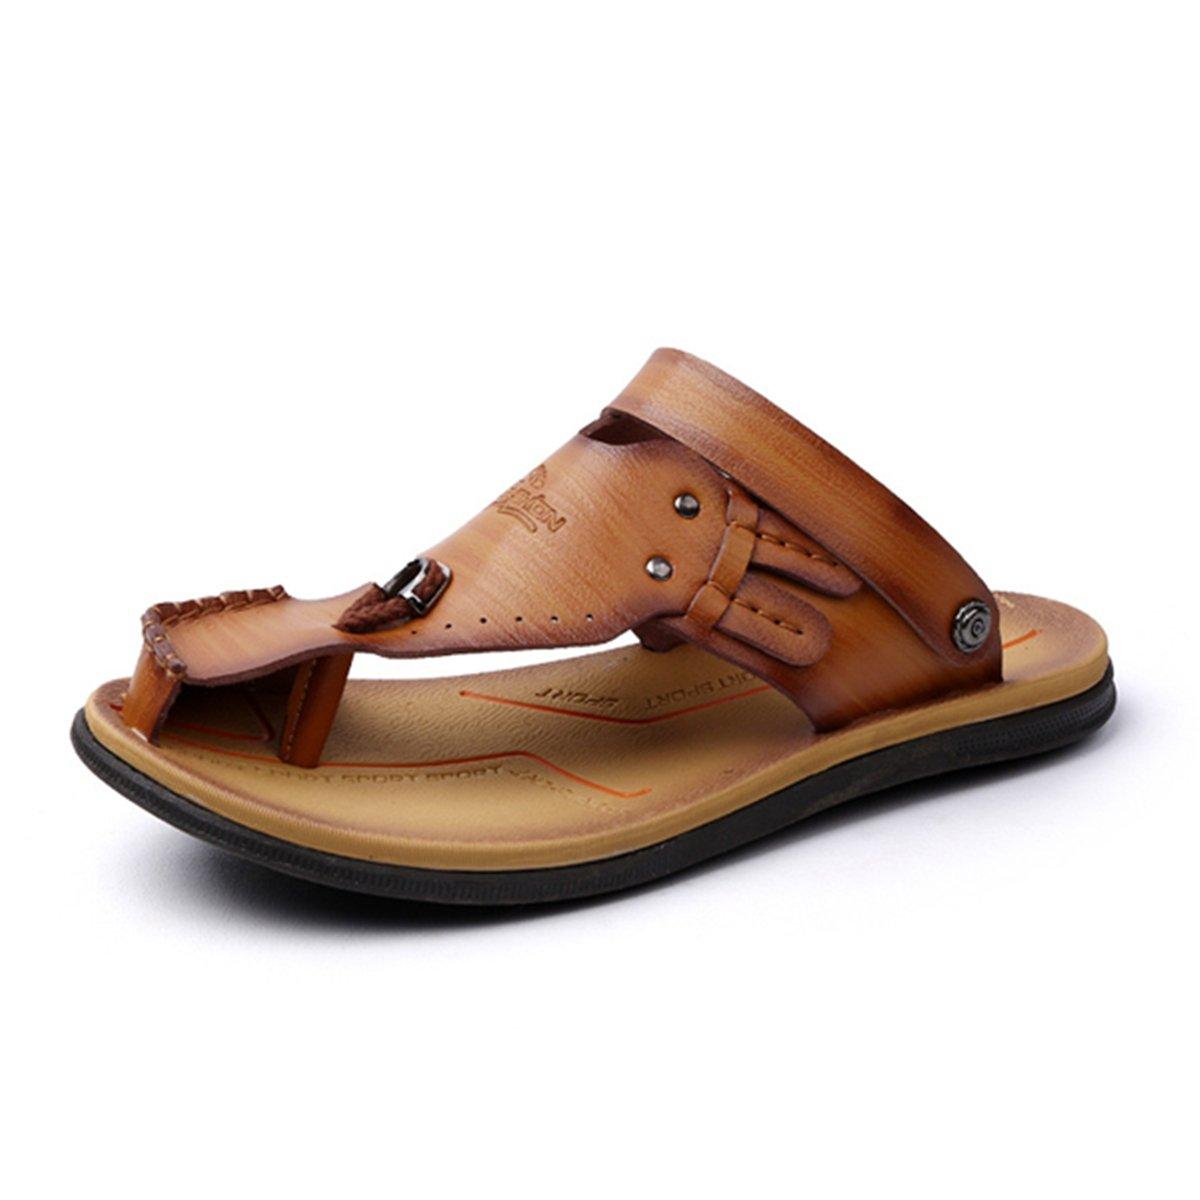 Gracosy Flip Flops, Unisex Zehentrenner Flache Hausschuhe Pantoletten Sommer Schuhe Slippers Weich Anti-Rutsch T-Strap Sandalen fuuml;r Herren Damenr  43 EU|Braun 6